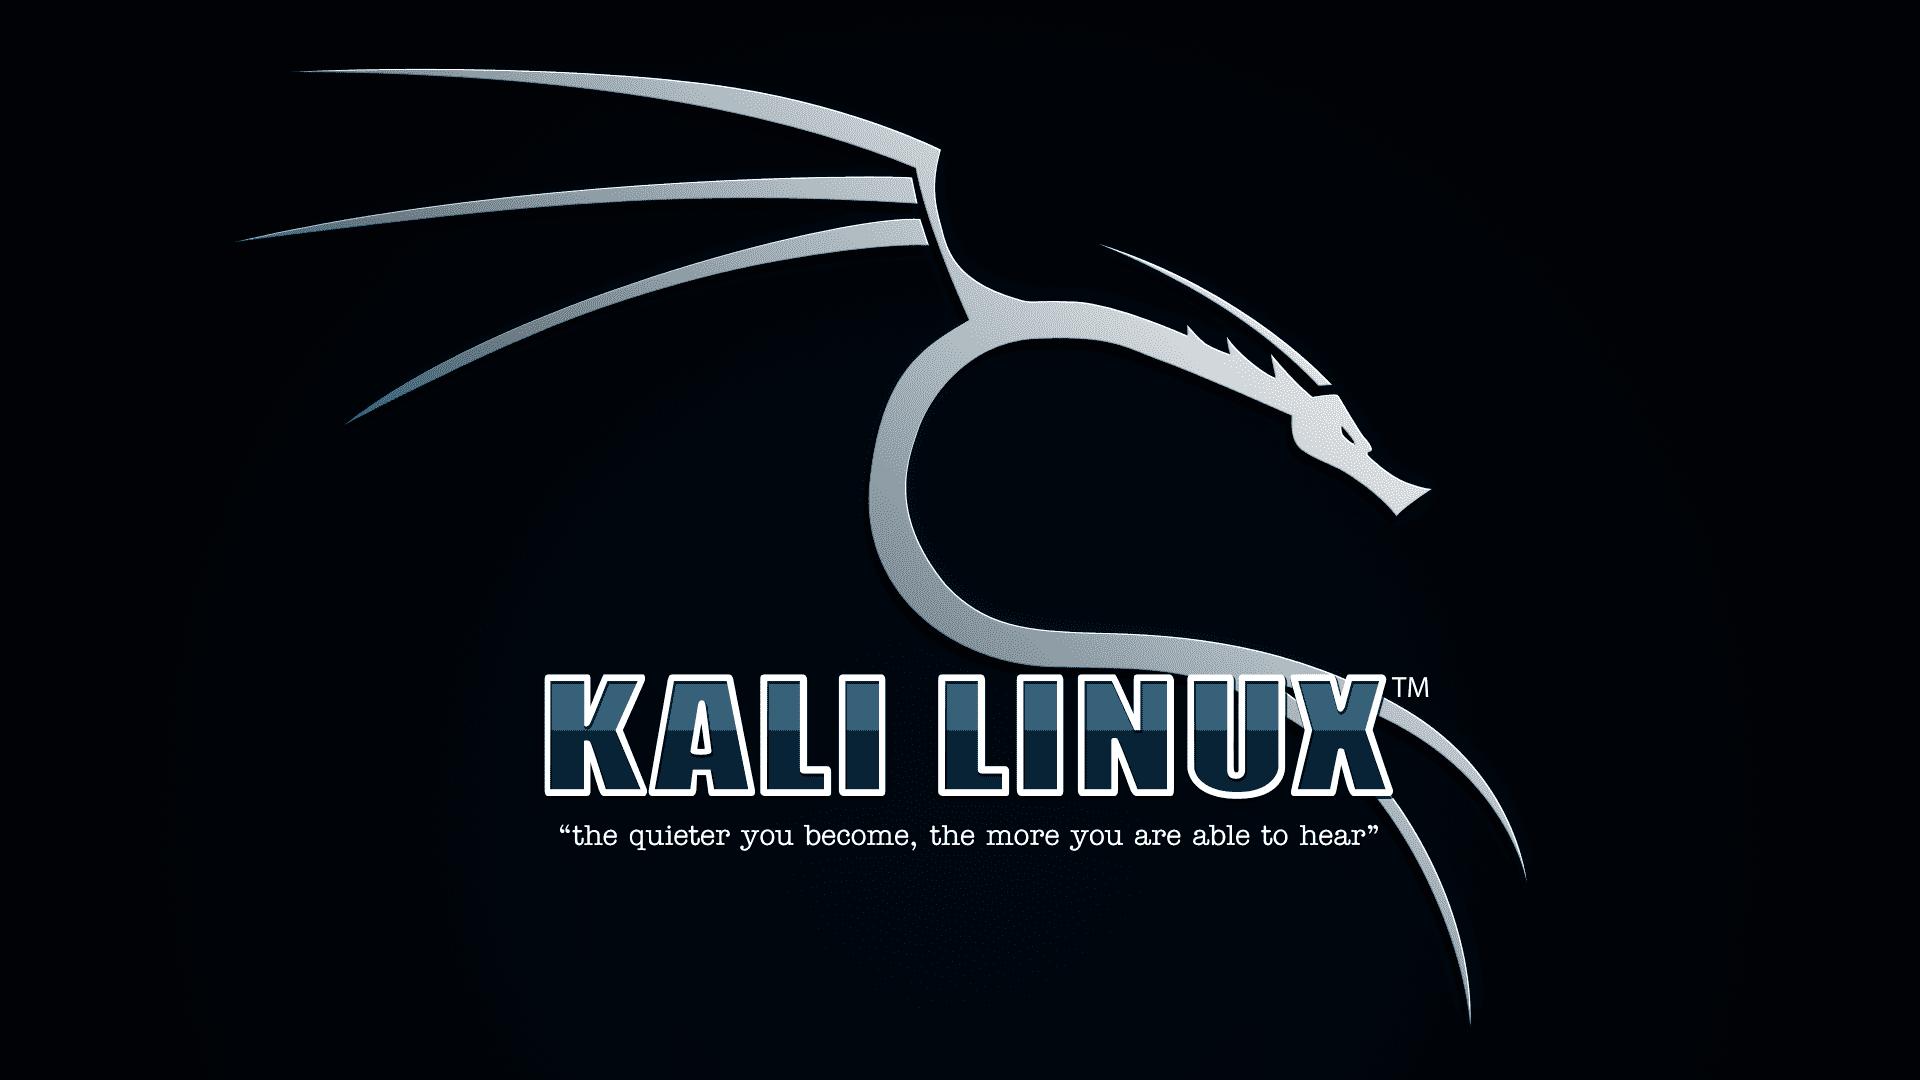 Kali-Linux-Best-Linux-Distro-2018